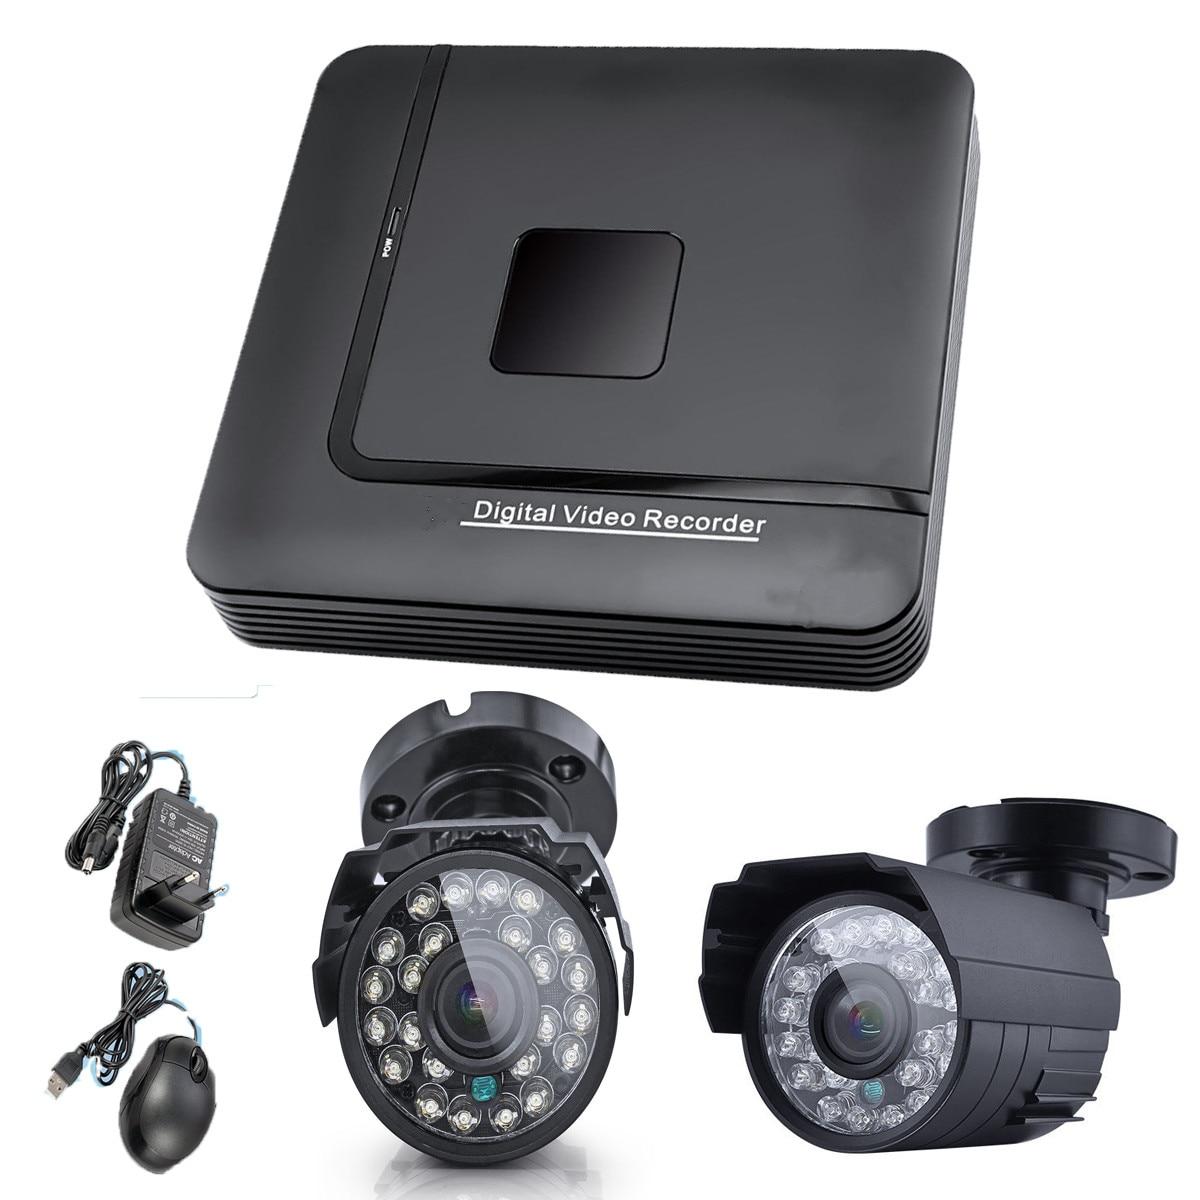 bilder für NEUE 1 stücke 4CH DVR 2 stücke 1000TVL Digital Video Kamera Einfache Installation Sicherheitssystem Digital Video Recorder Videoüberwachung